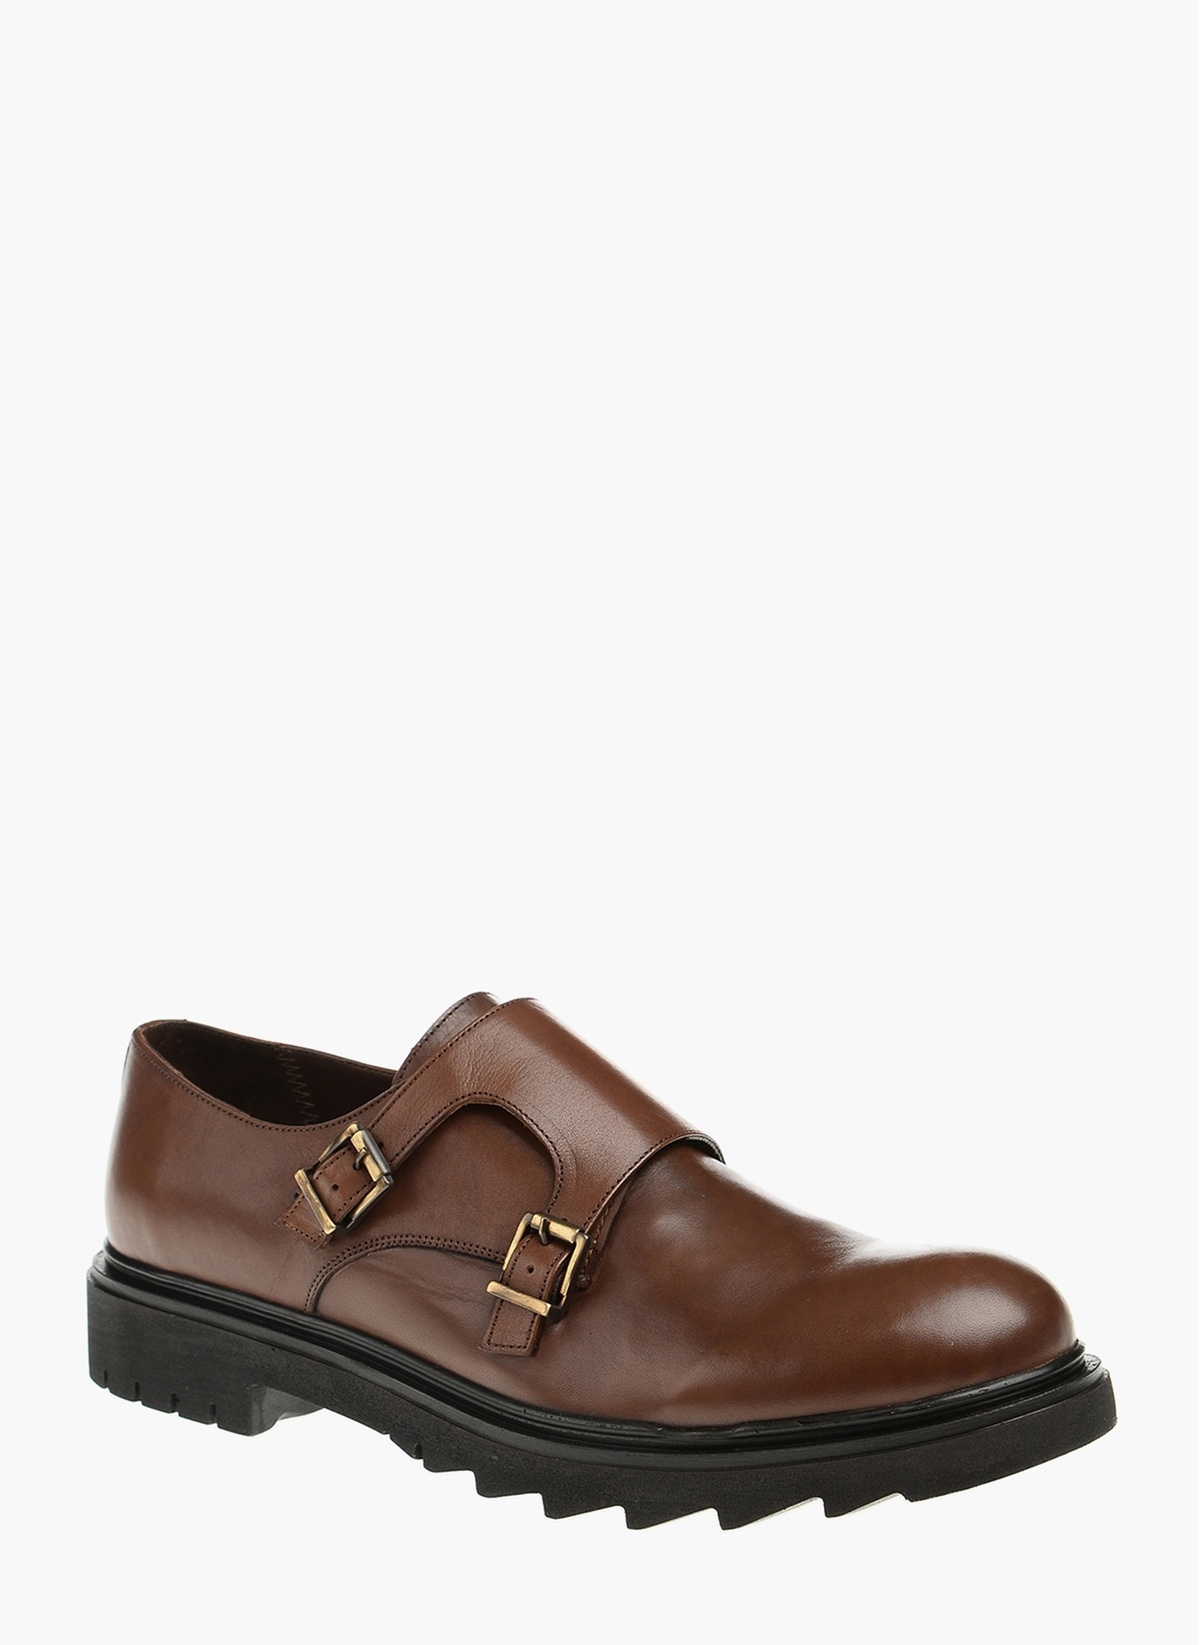 Divarese Çift Tokalı Deri Ayakkabı 5022075 E Ayakkabı – 182.7 TL